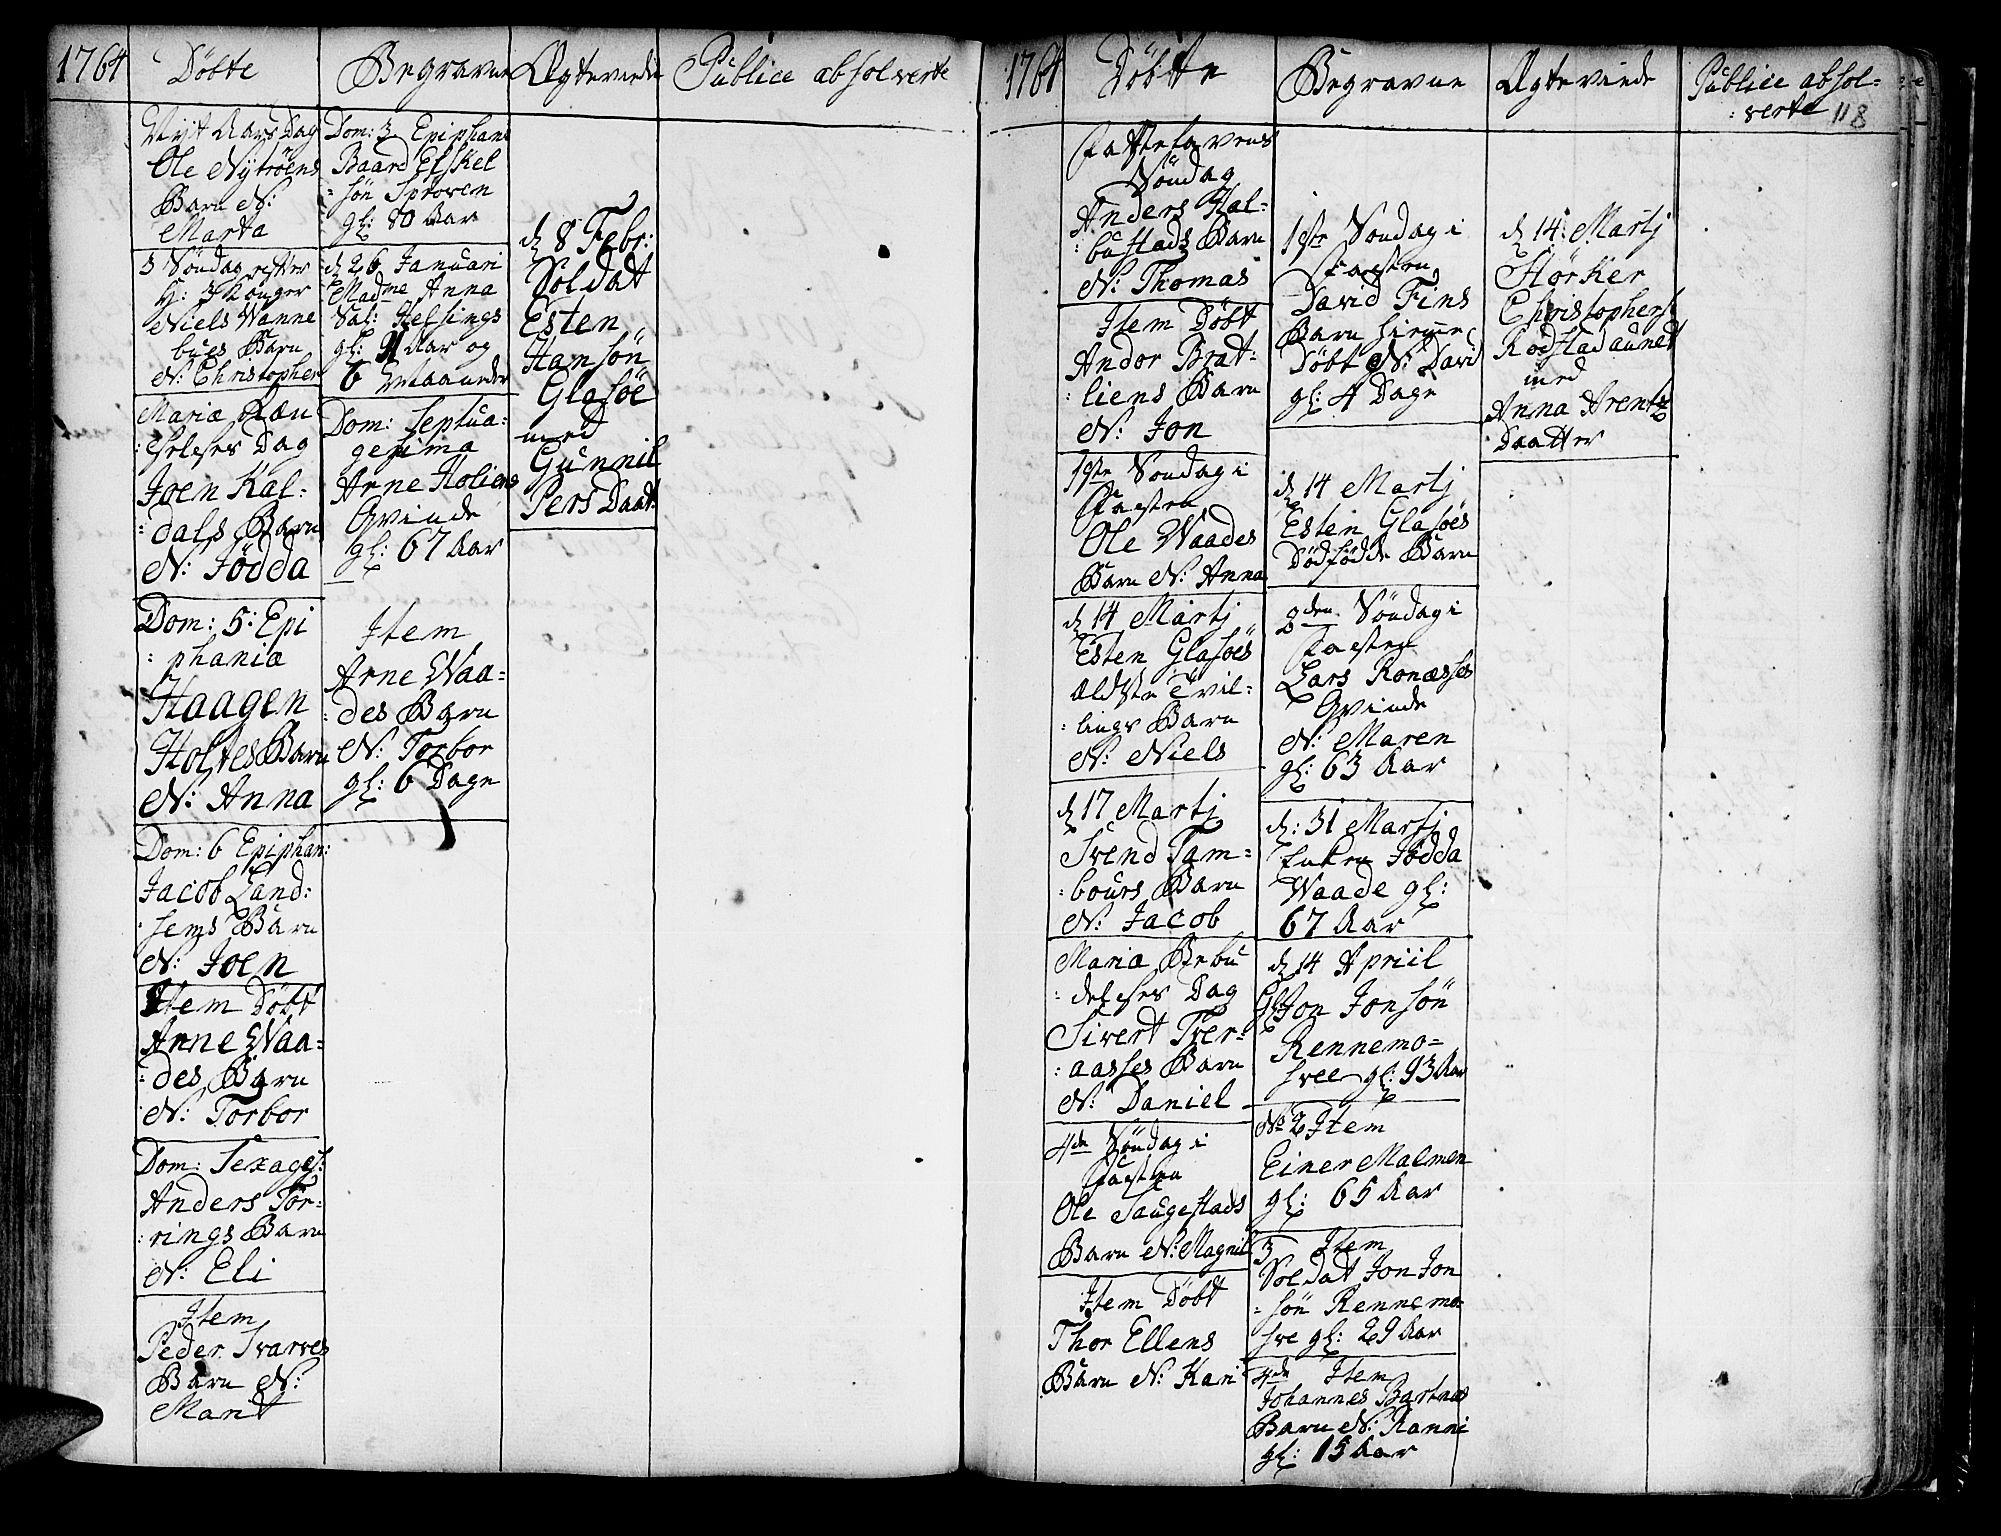 SAT, Ministerialprotokoller, klokkerbøker og fødselsregistre - Nord-Trøndelag, 741/L0385: Ministerialbok nr. 741A01, 1722-1815, s. 118